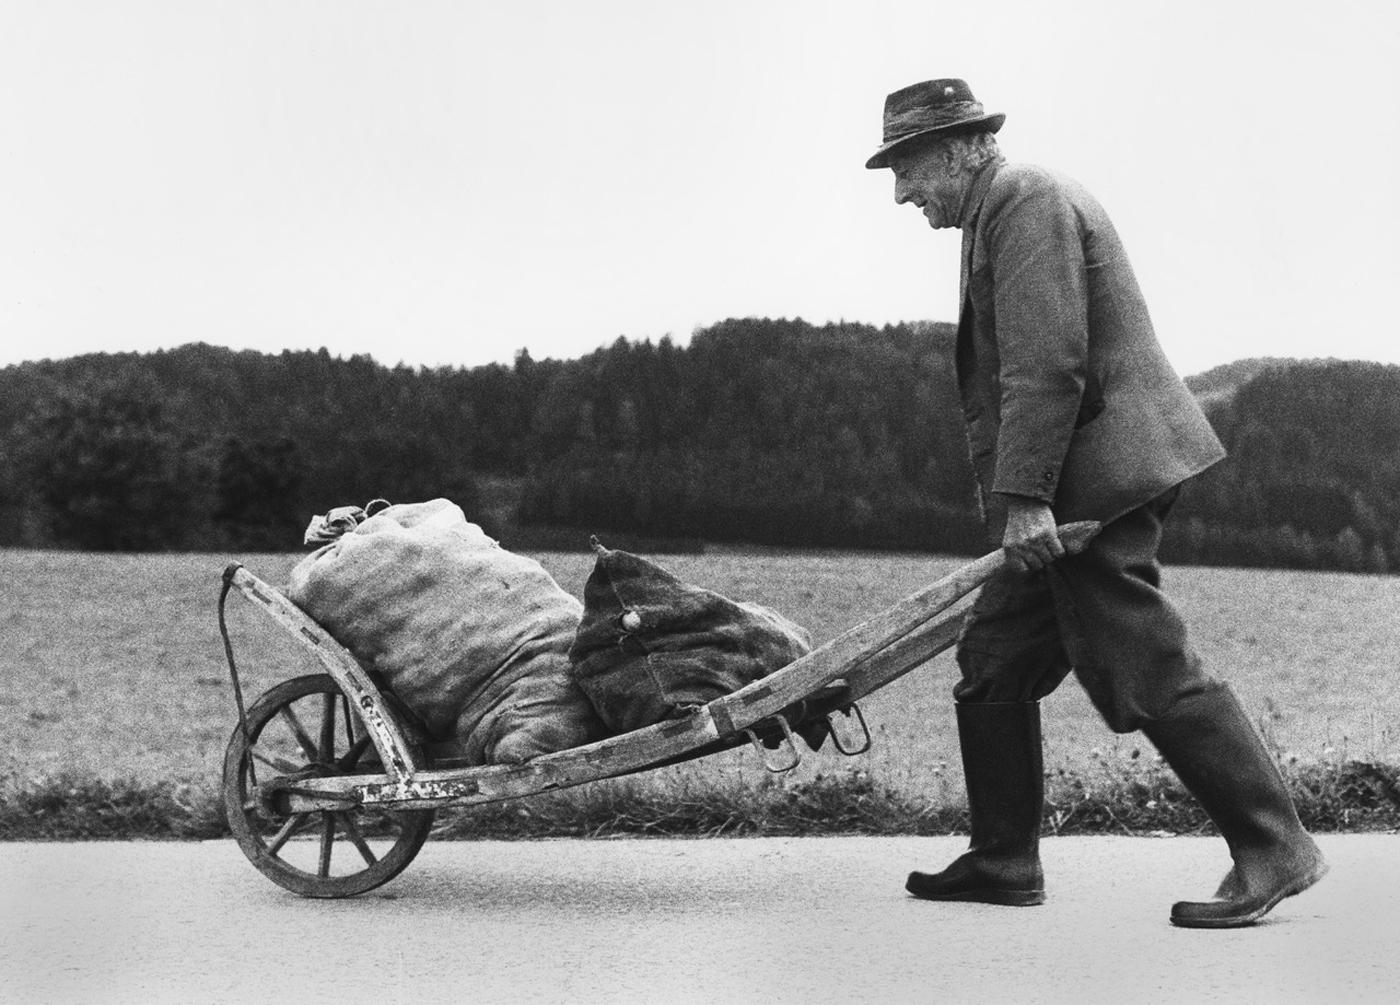 Ein Bauer in Italien. Foto von Werner Gadliger